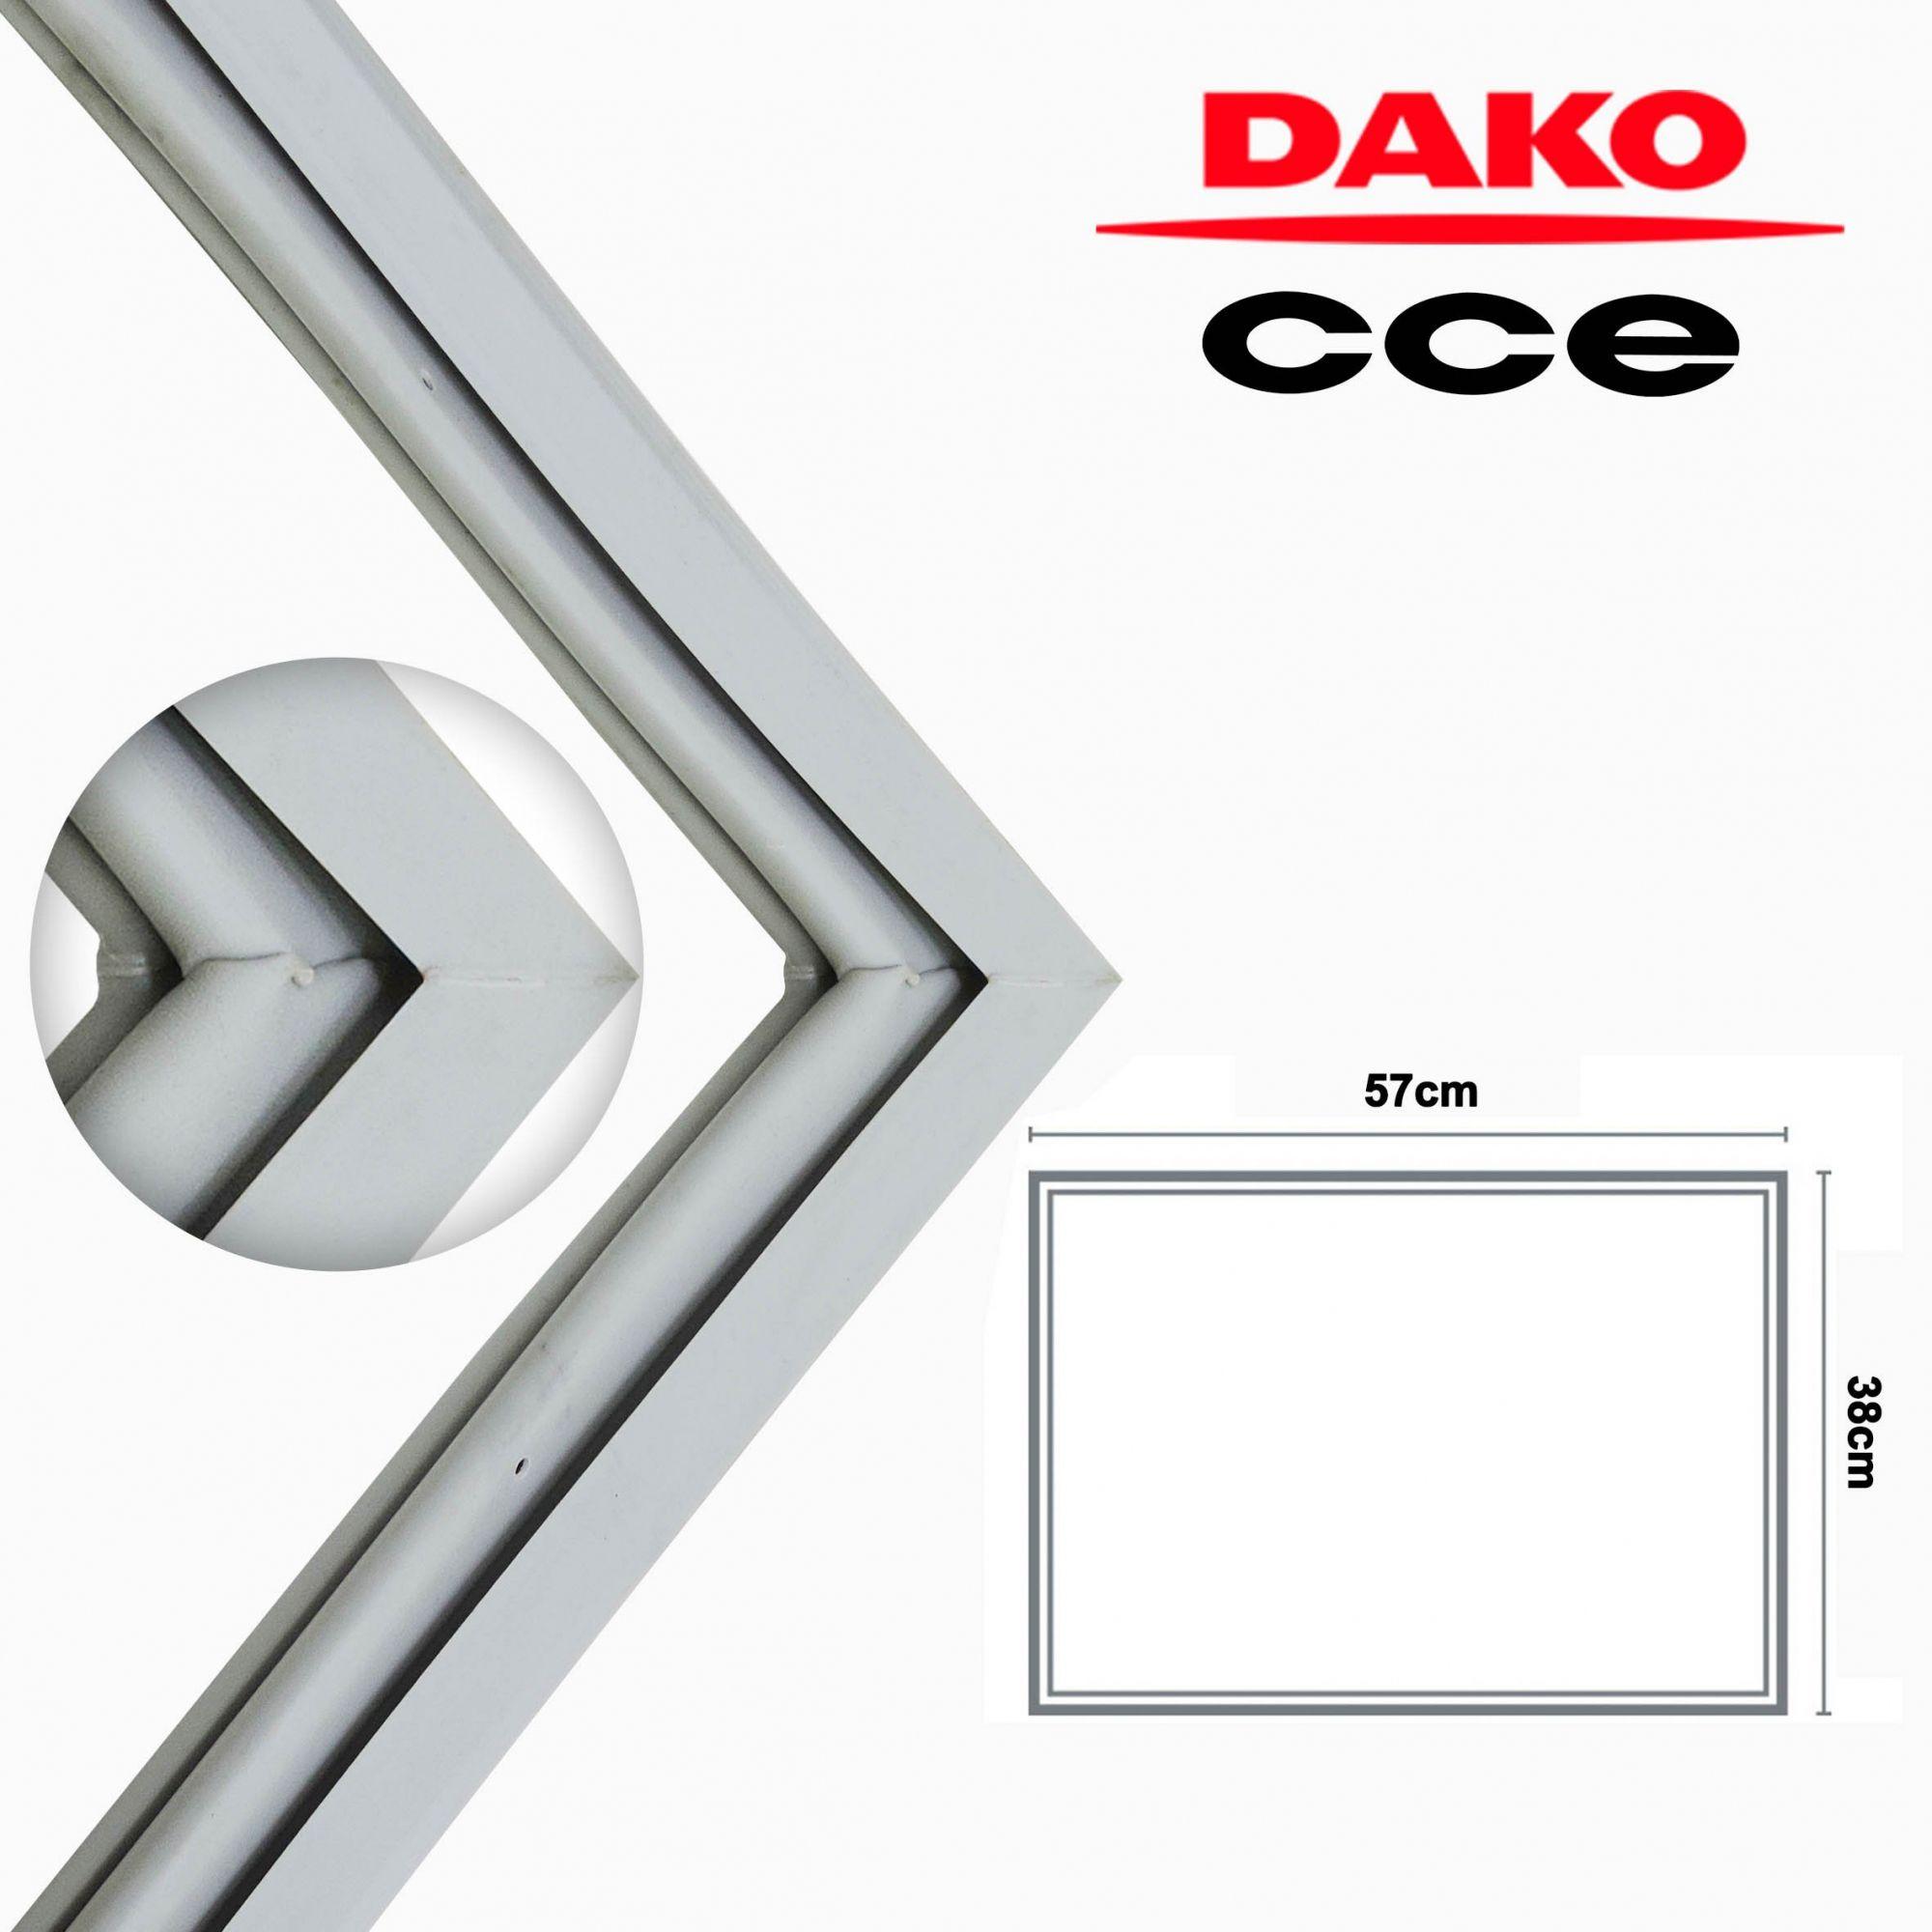 Borracha Gaxeta Superior Refrigerador Dako 350 360 380 Redk370 Redk380